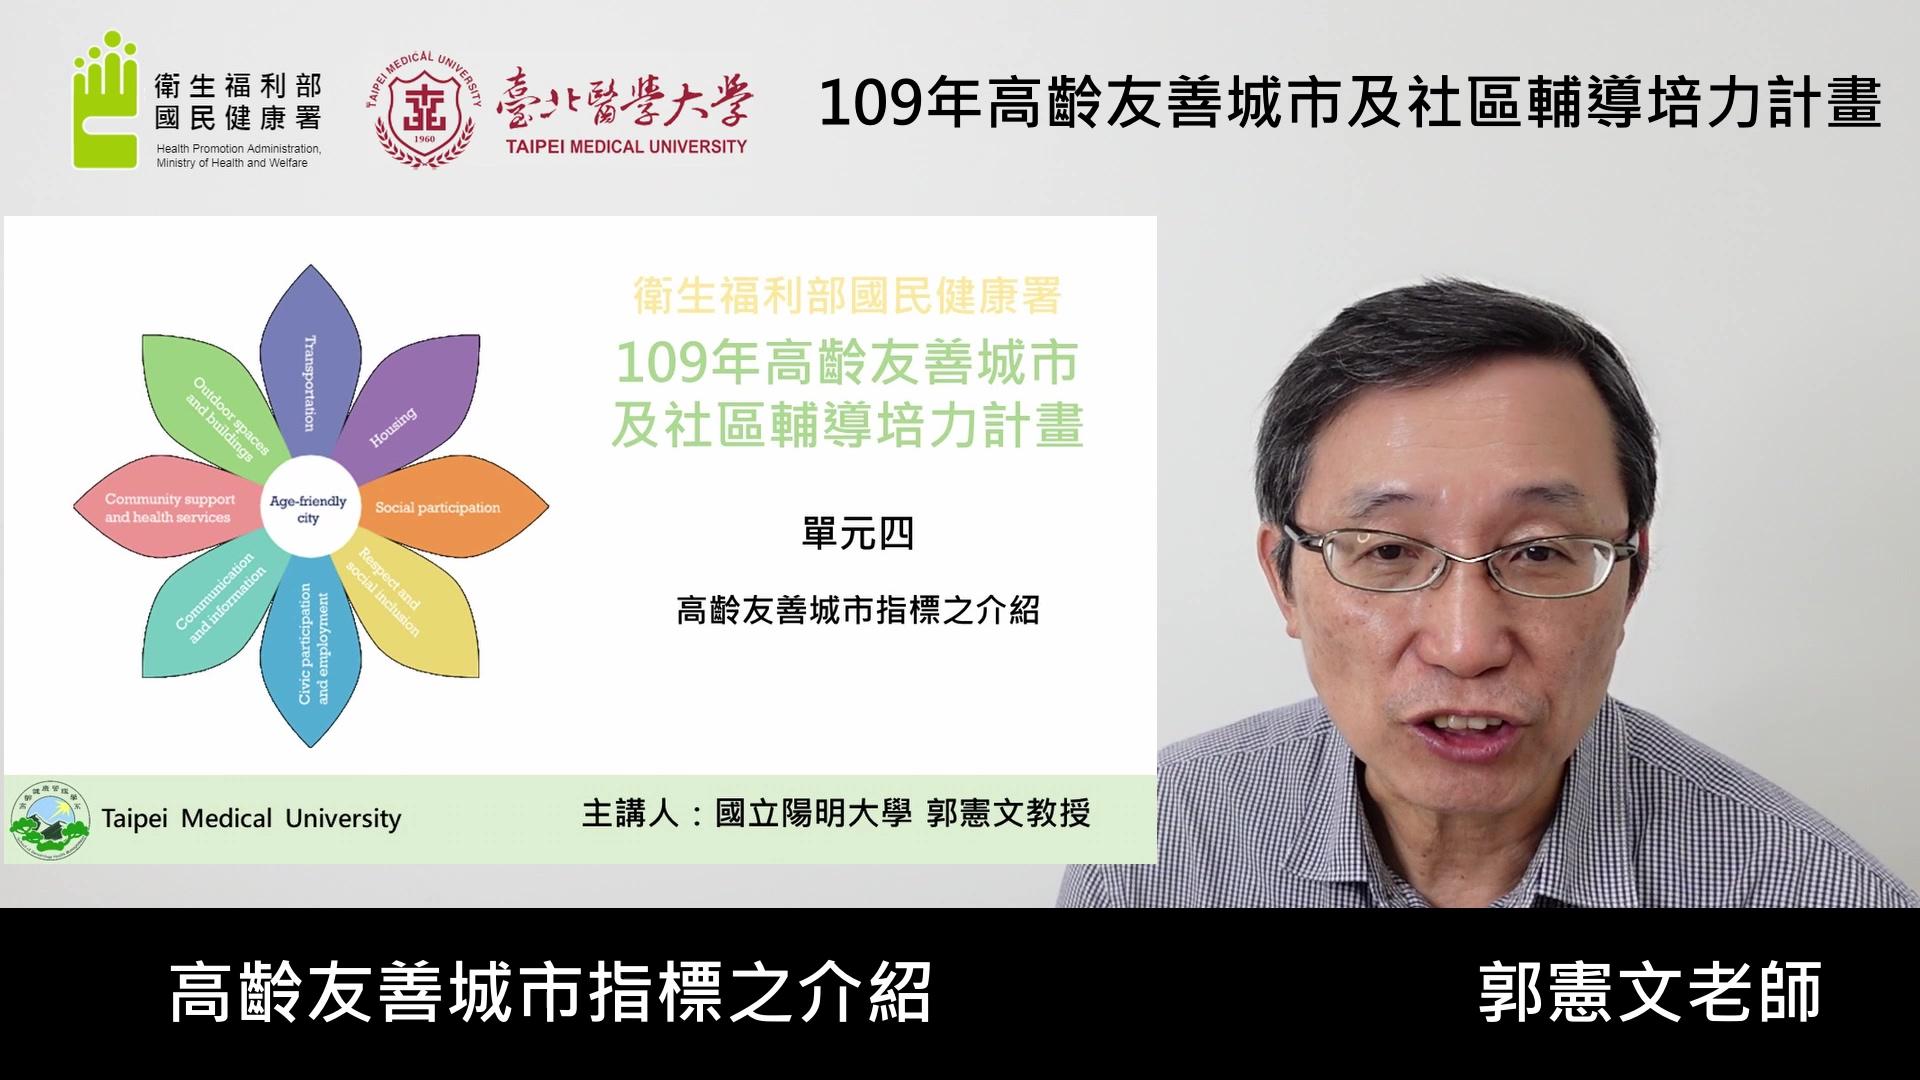 高齡友善城市及社區輔導培力計畫—【培力單元4】台灣高齡友善城市指標之介紹